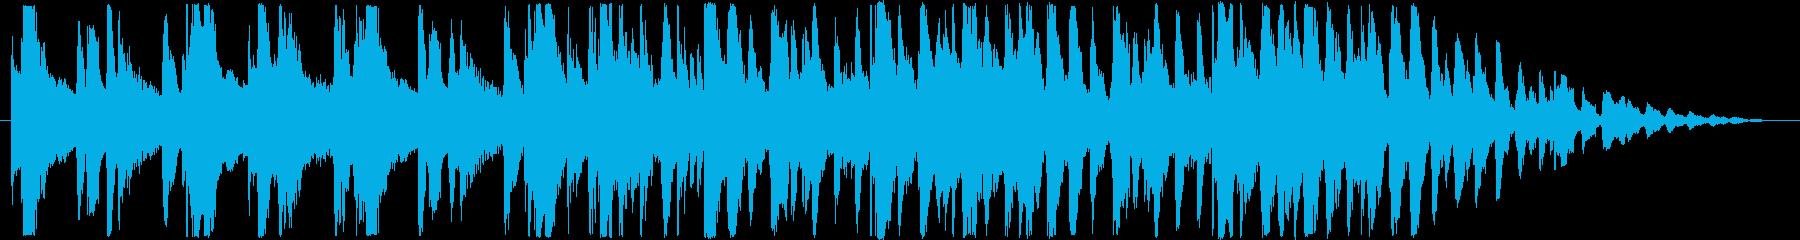 ノスタルジックな雰囲気の30秒JAZZの再生済みの波形